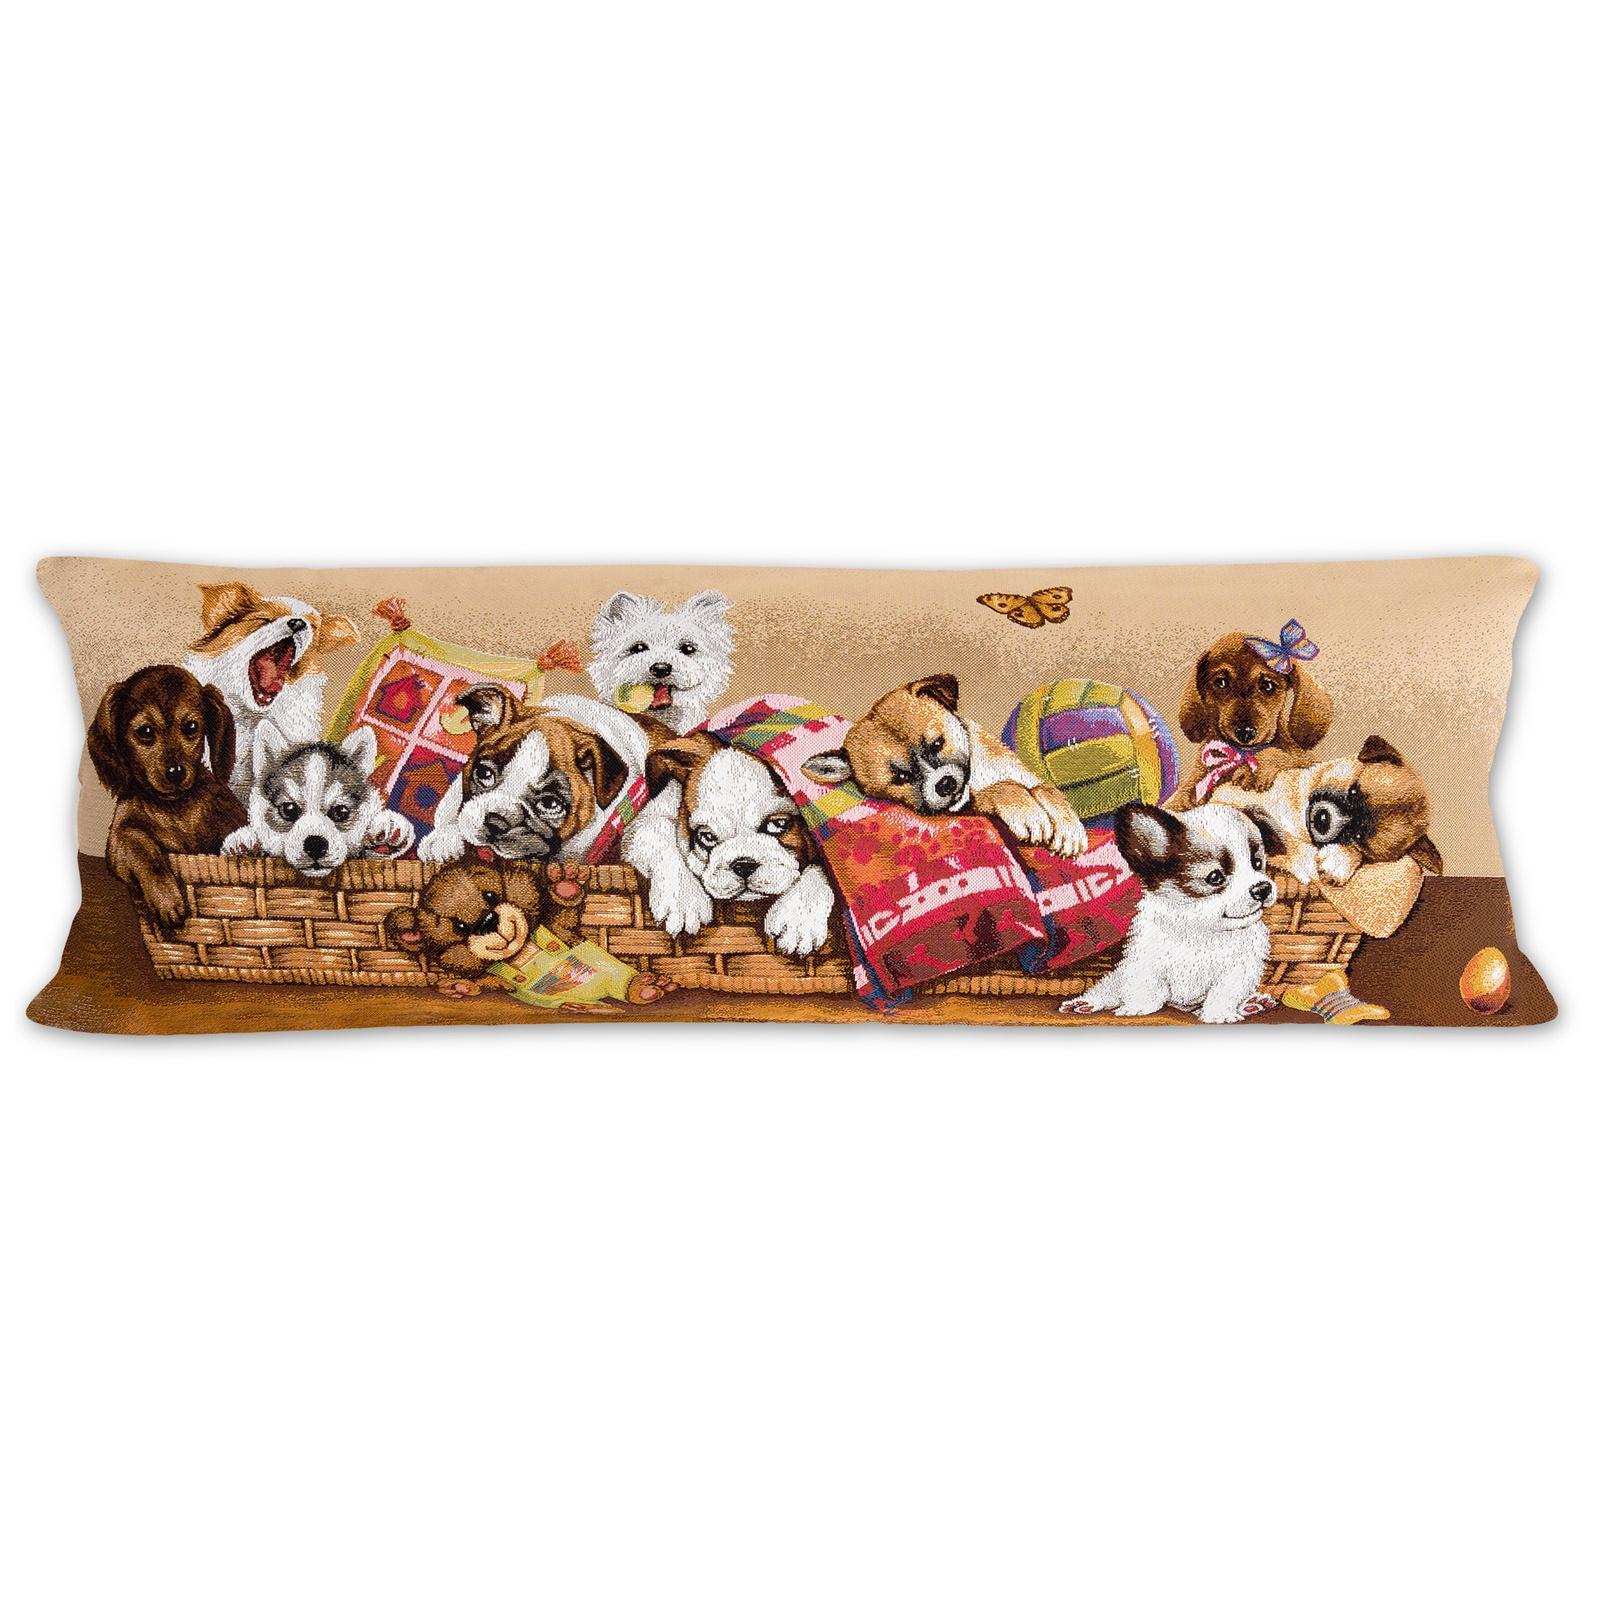 Гобелен подушка декоративная Игривые щенки в корзине 35 на 90 см